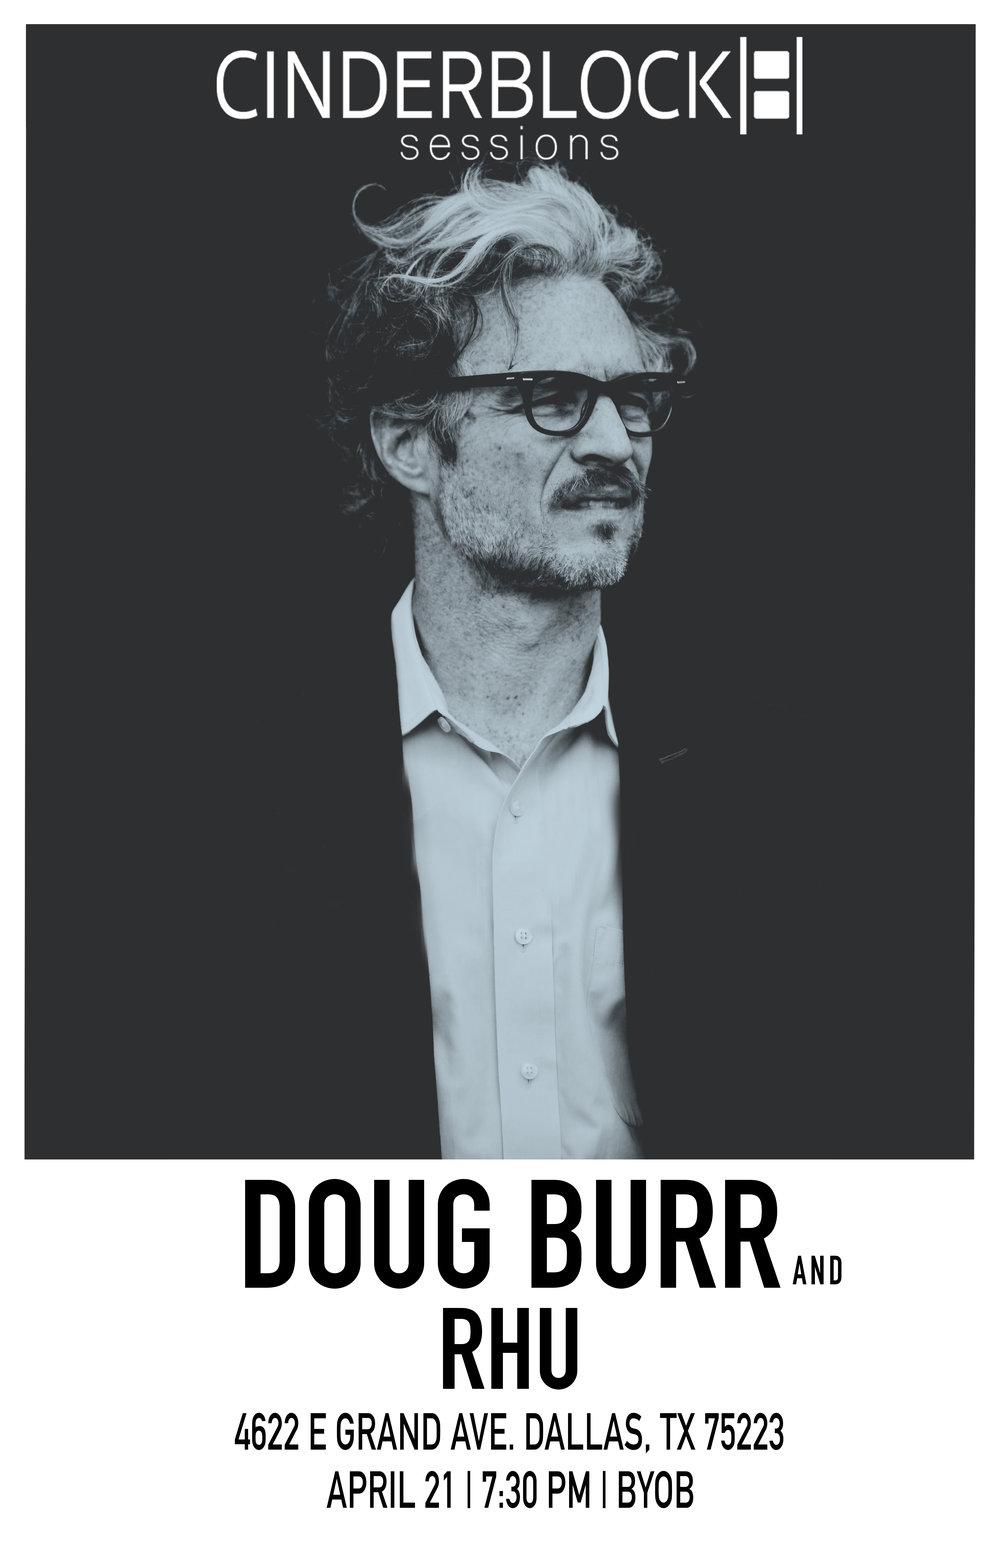 Doug Burr Show Poster.jpg